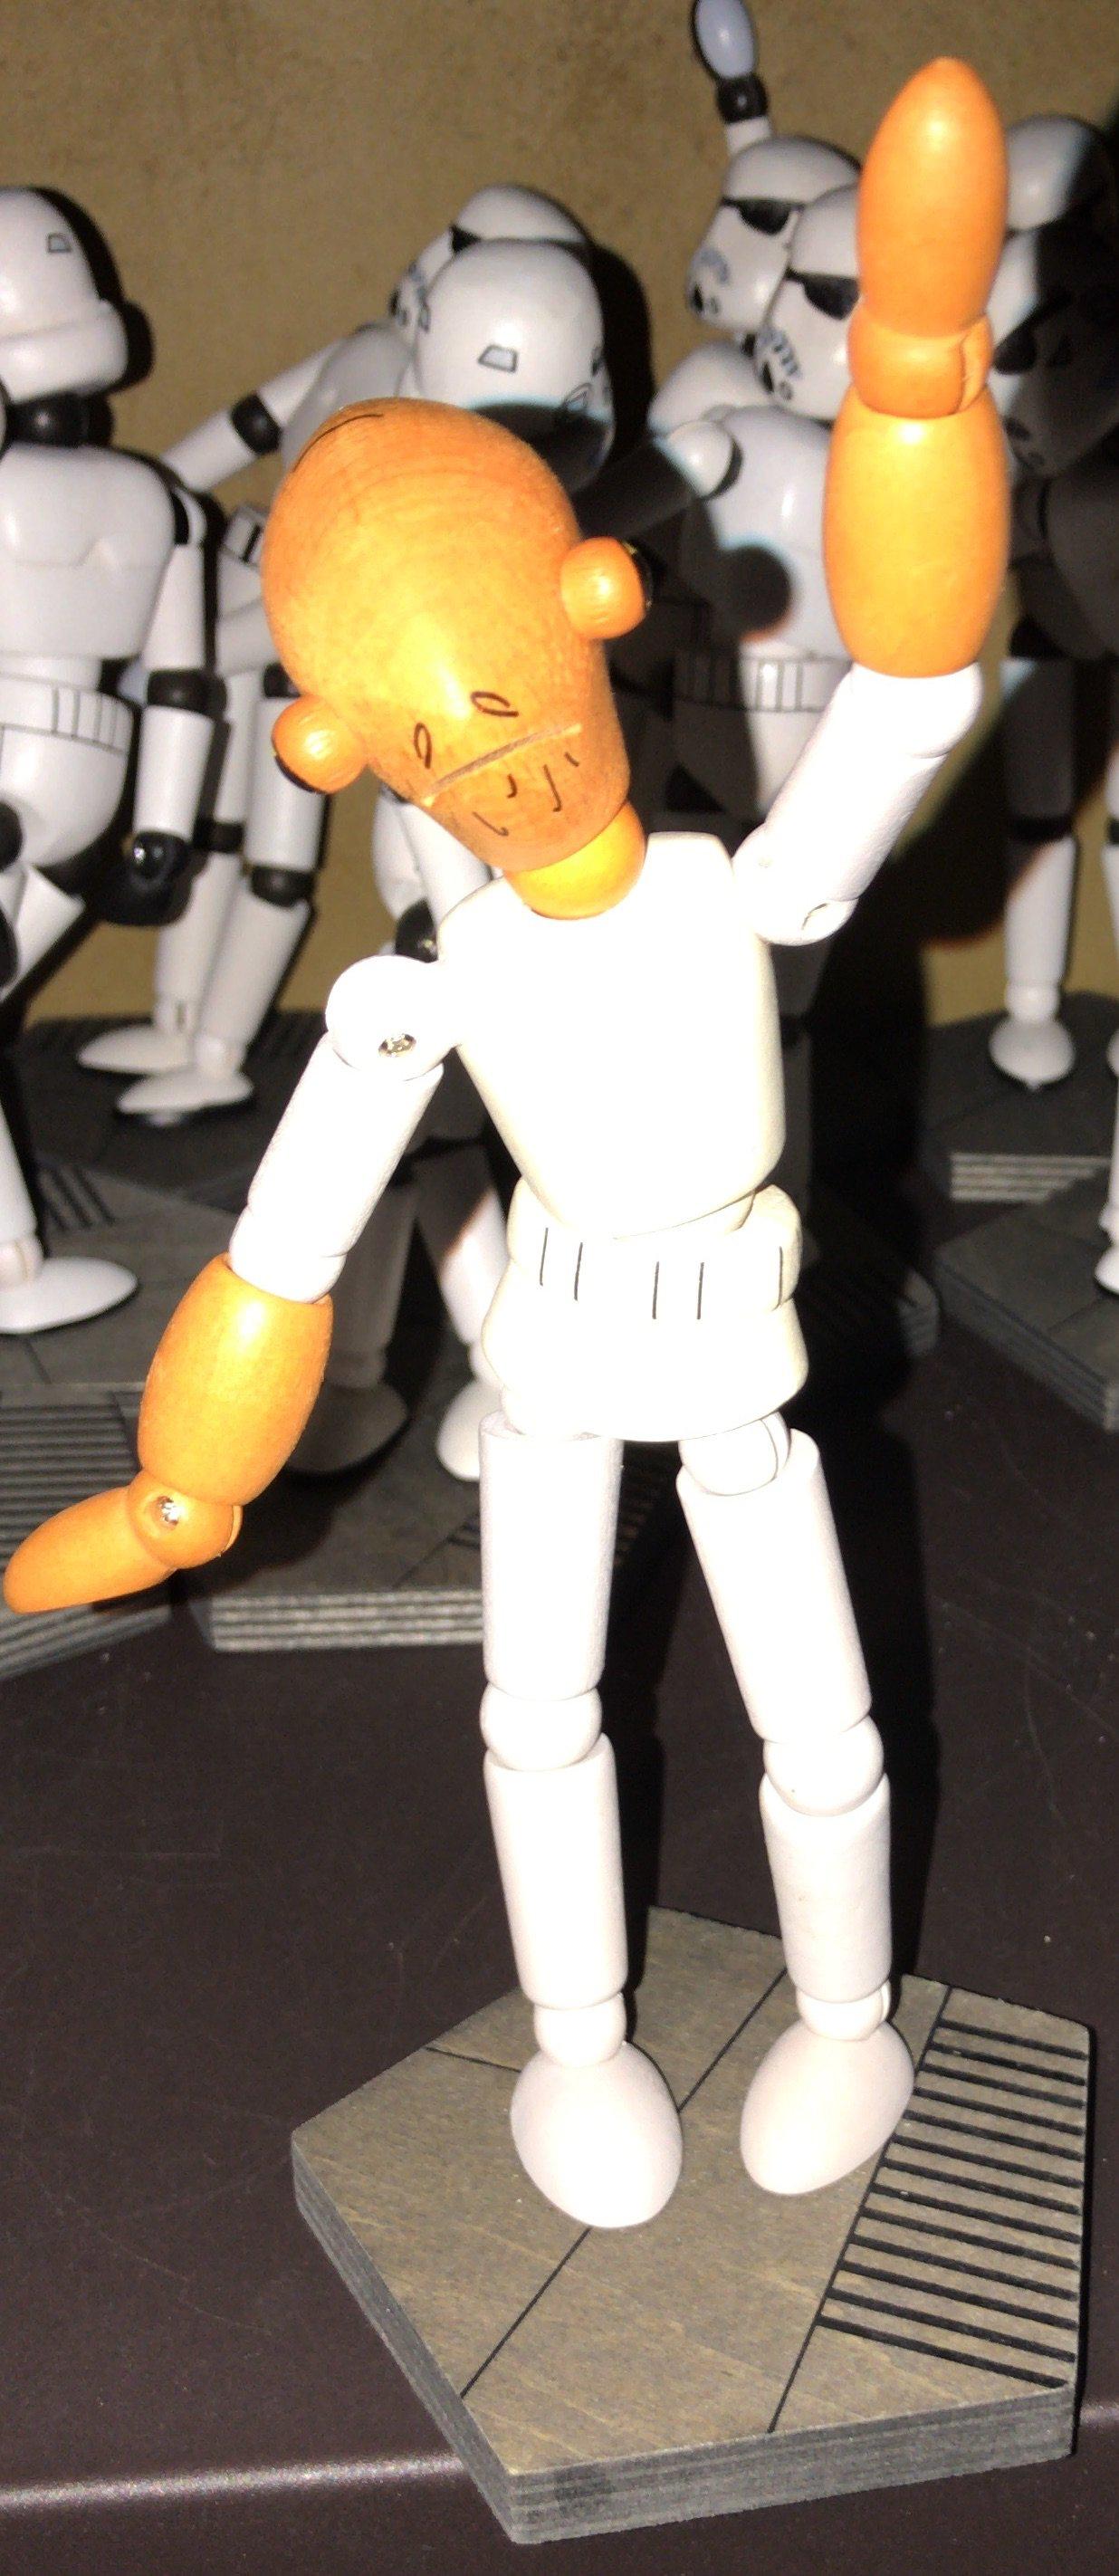 SWGE Admiral Ackbar Wooden Figurine